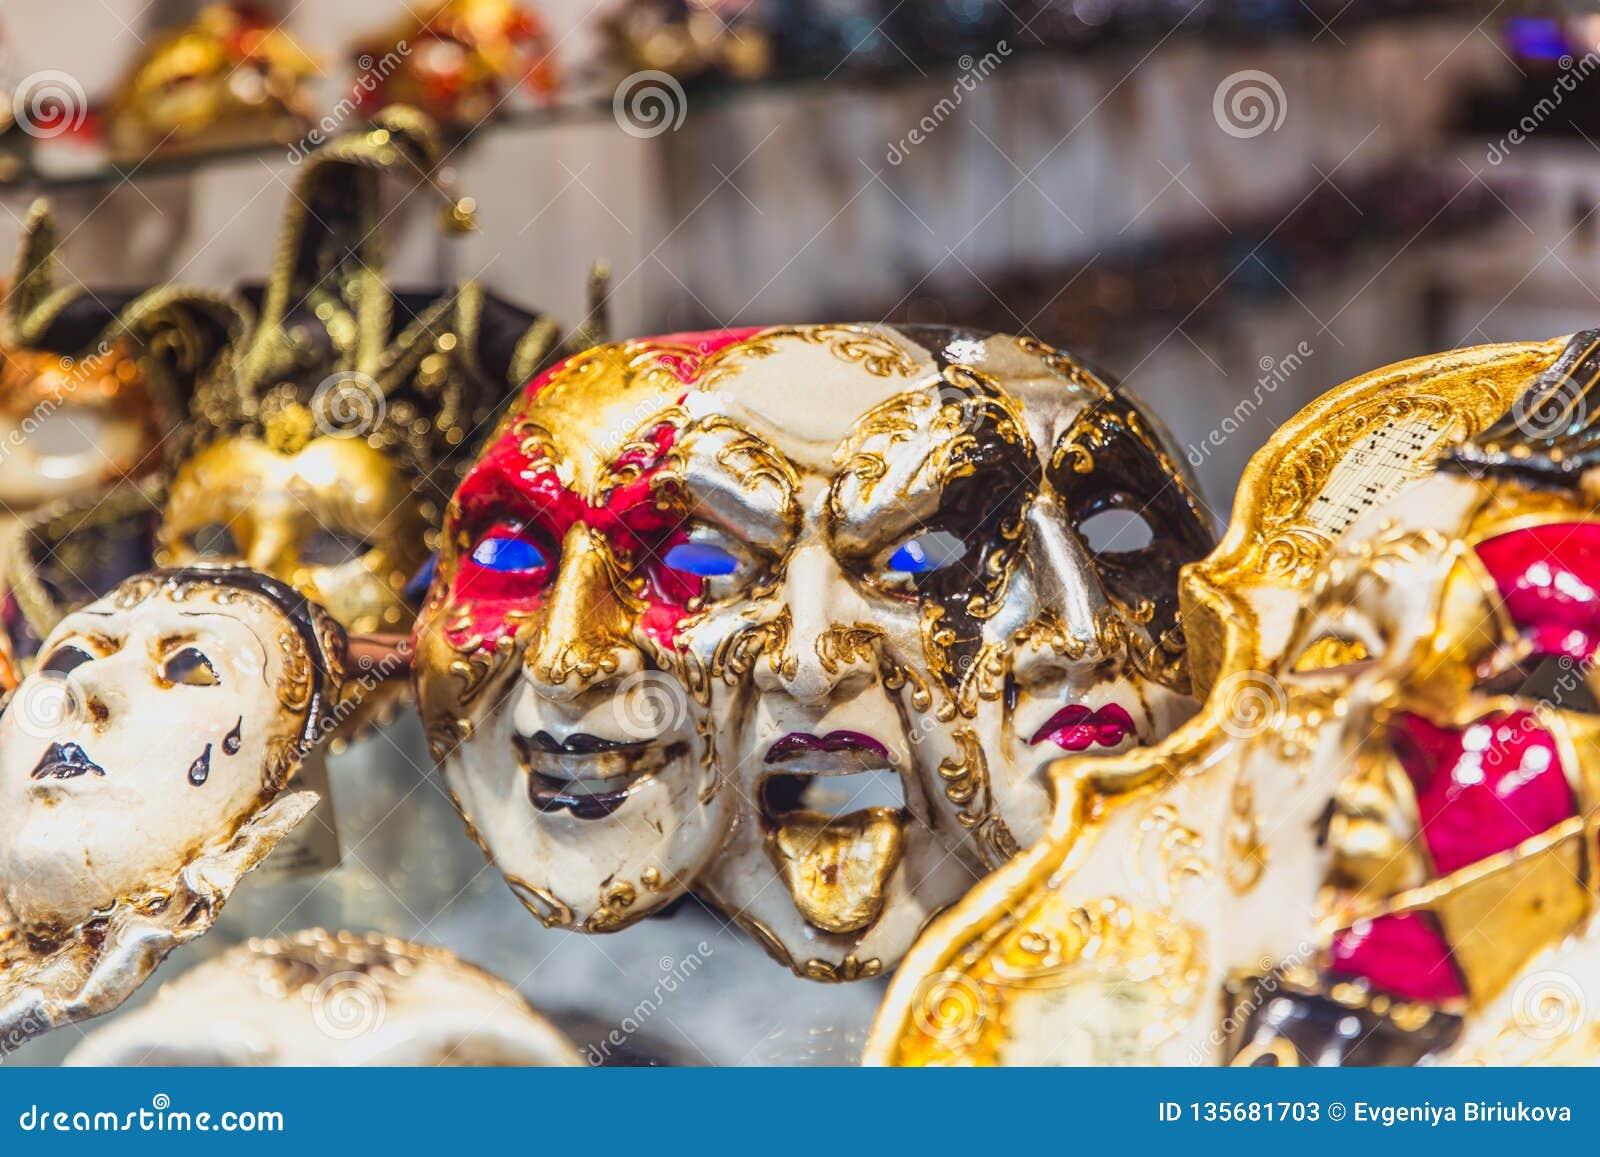 VENEZIA, ITALIA - OKTOBER 27, 2016: Maschera veneziana fatta a mano di carnevale del colorfull autentico a Venezia, Italia